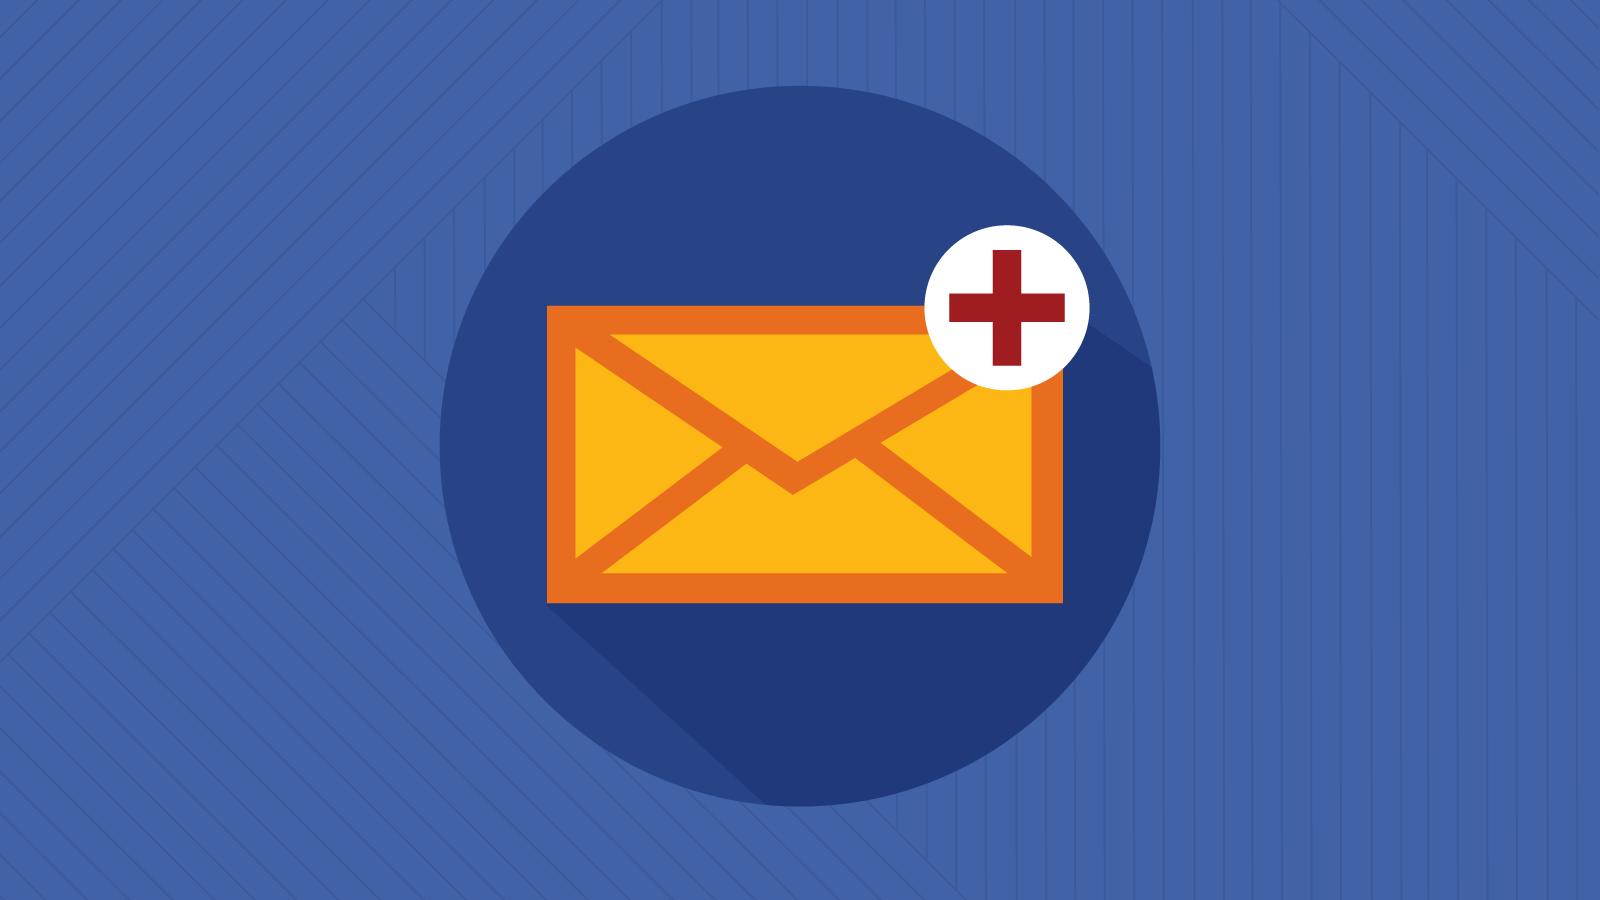 Orange email envelope with medical symbol